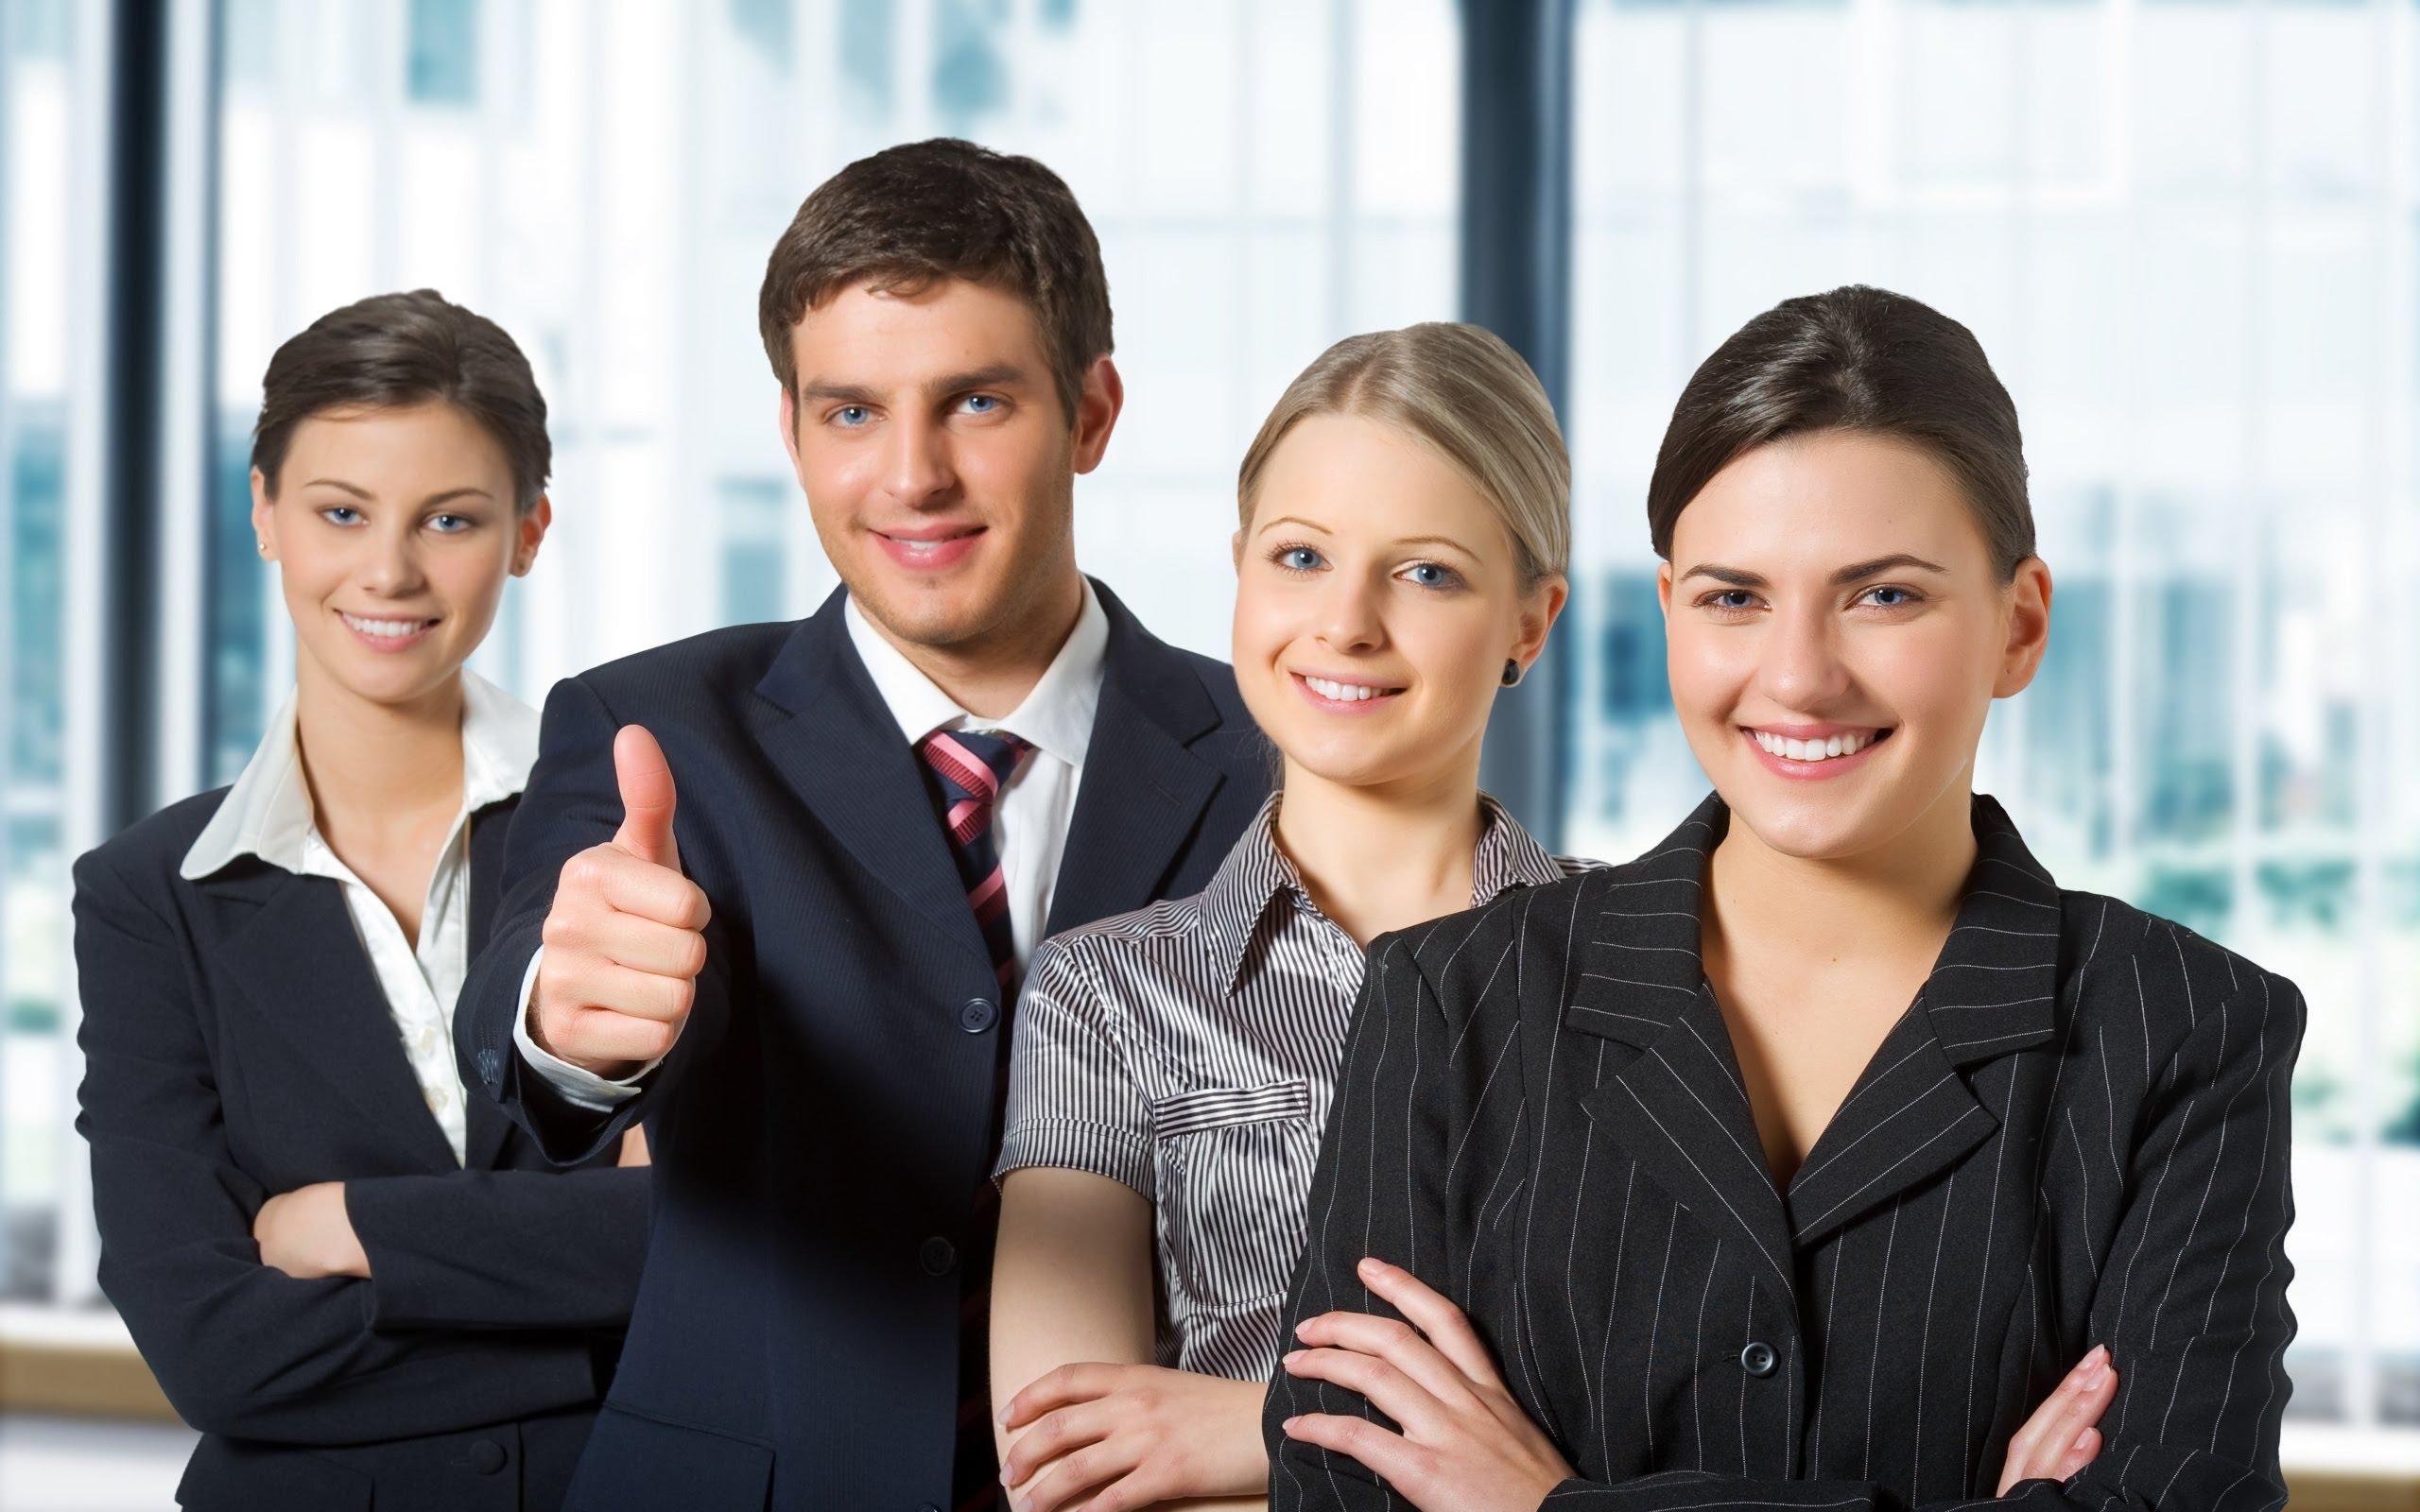 Что говорят работодателям идеальные соискатели